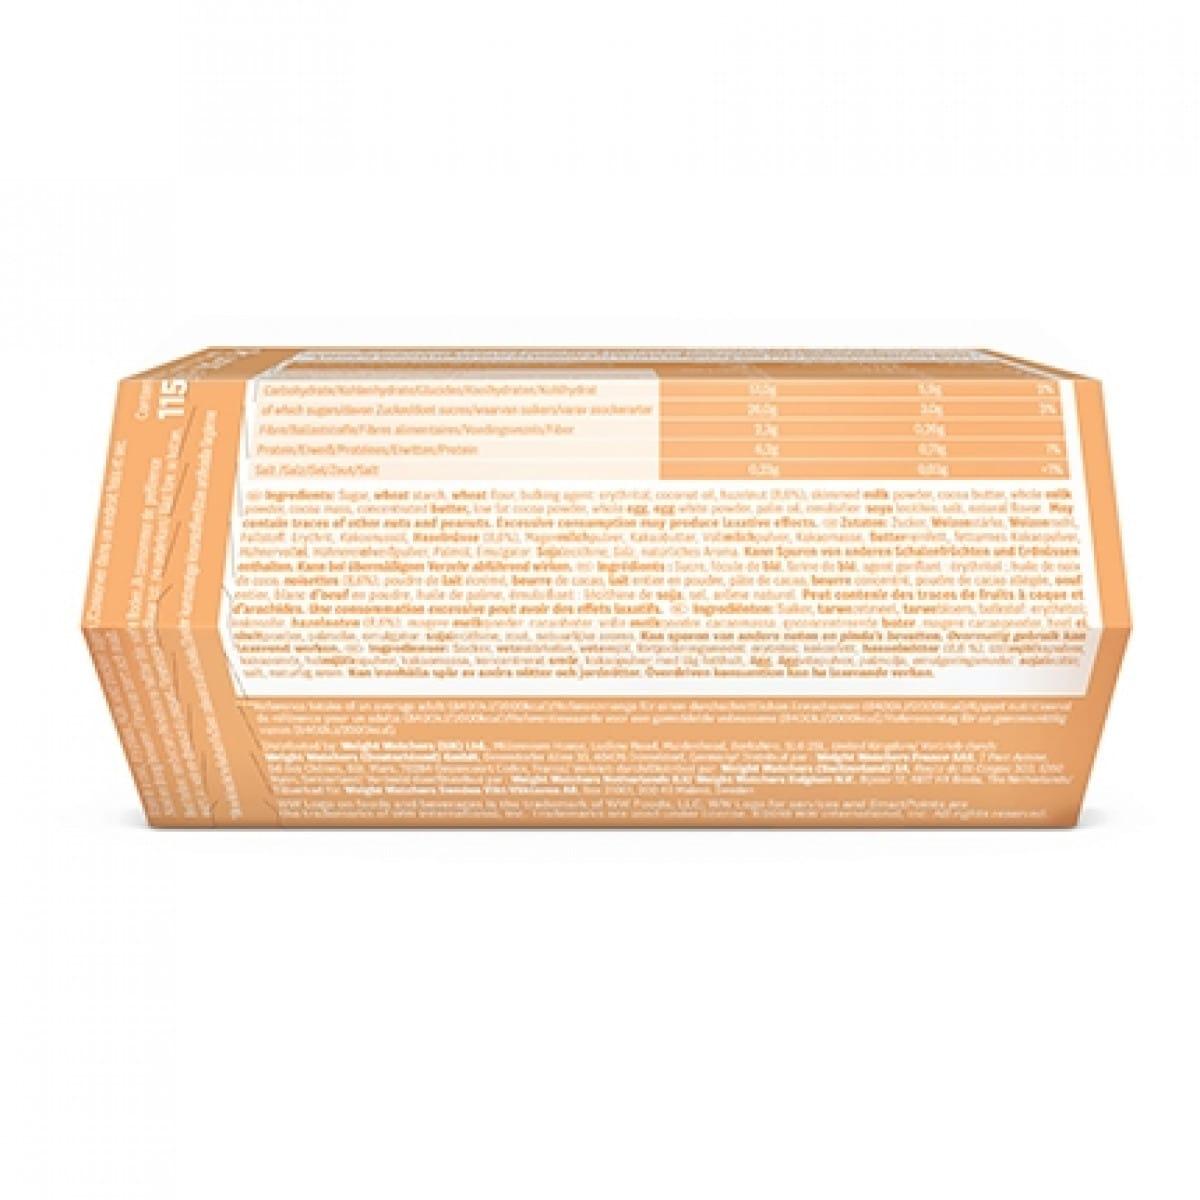 Achterzijde verpakking WW hazelnut chocolate sticks